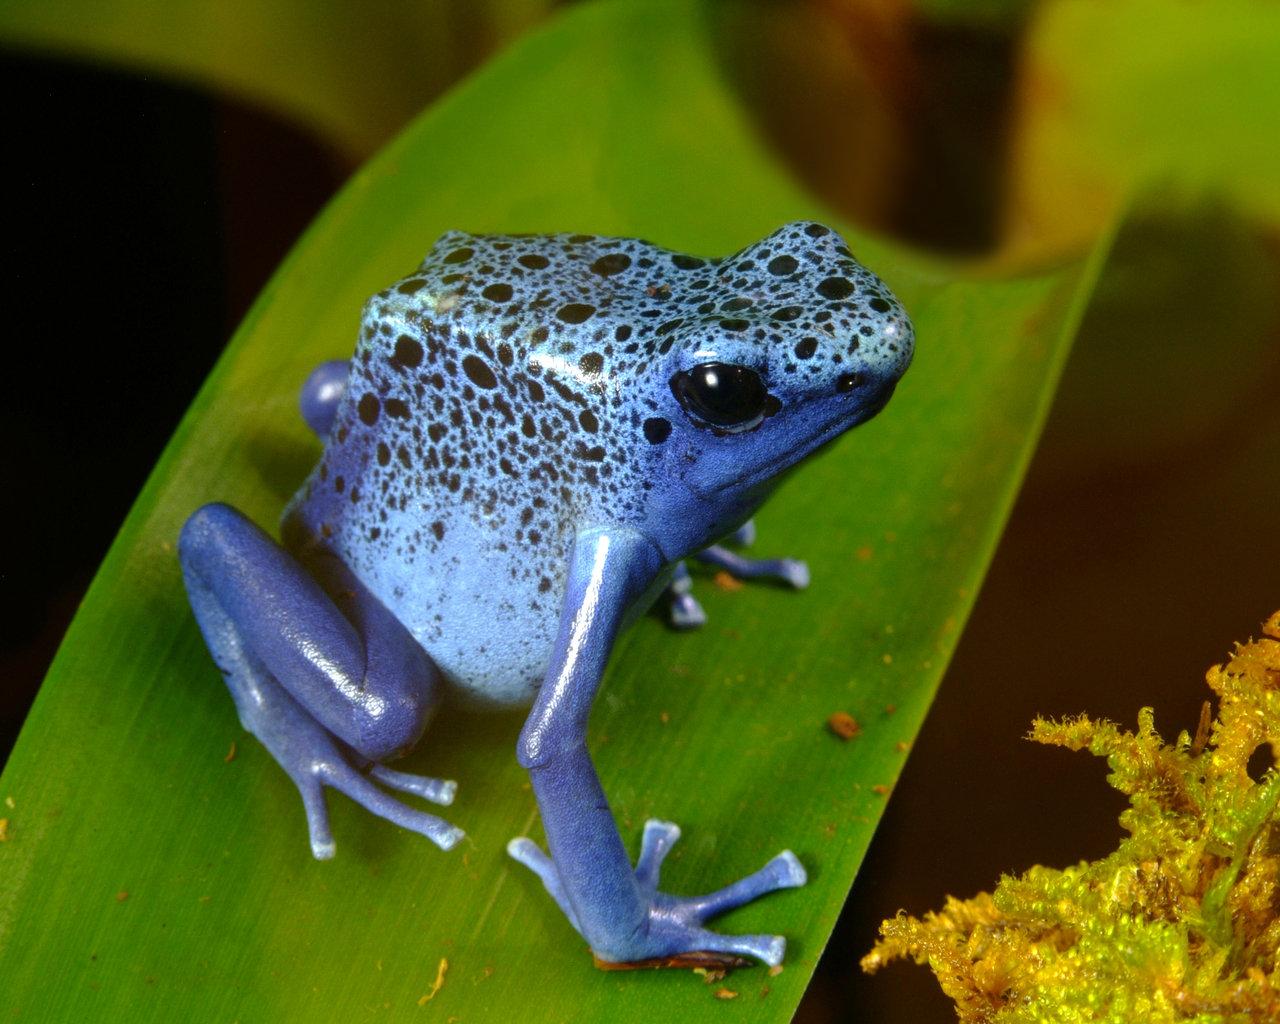 Edenpics-com_005-098-Grenouille-bleue-Dendrobate-Bleu-appelee-aussi-Dendrobate-azureus%5B1%5D